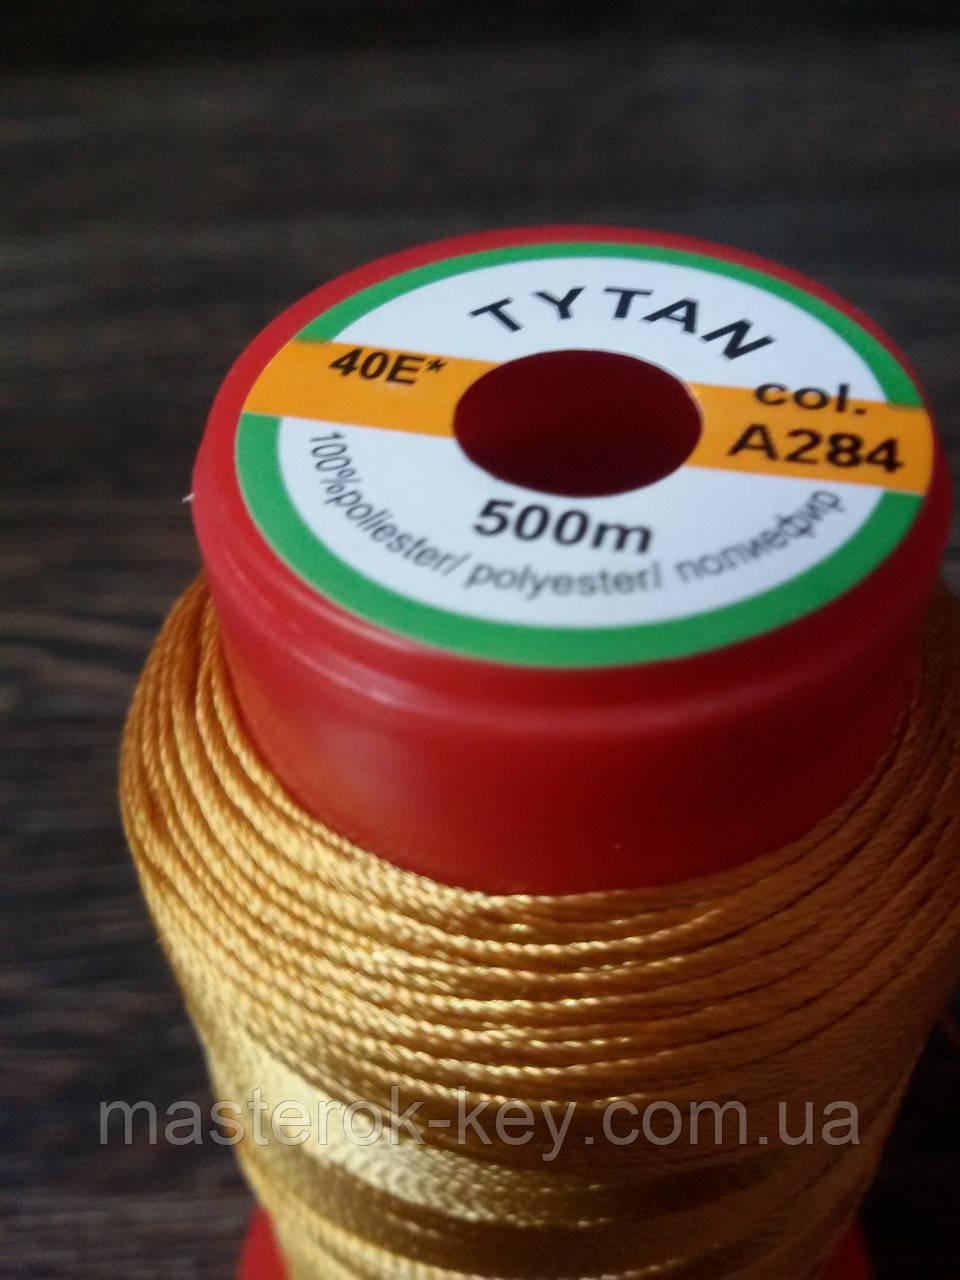 Нитка швейна,взуттєва TYTAN N40 284 колір рудий 500м. Туреччина